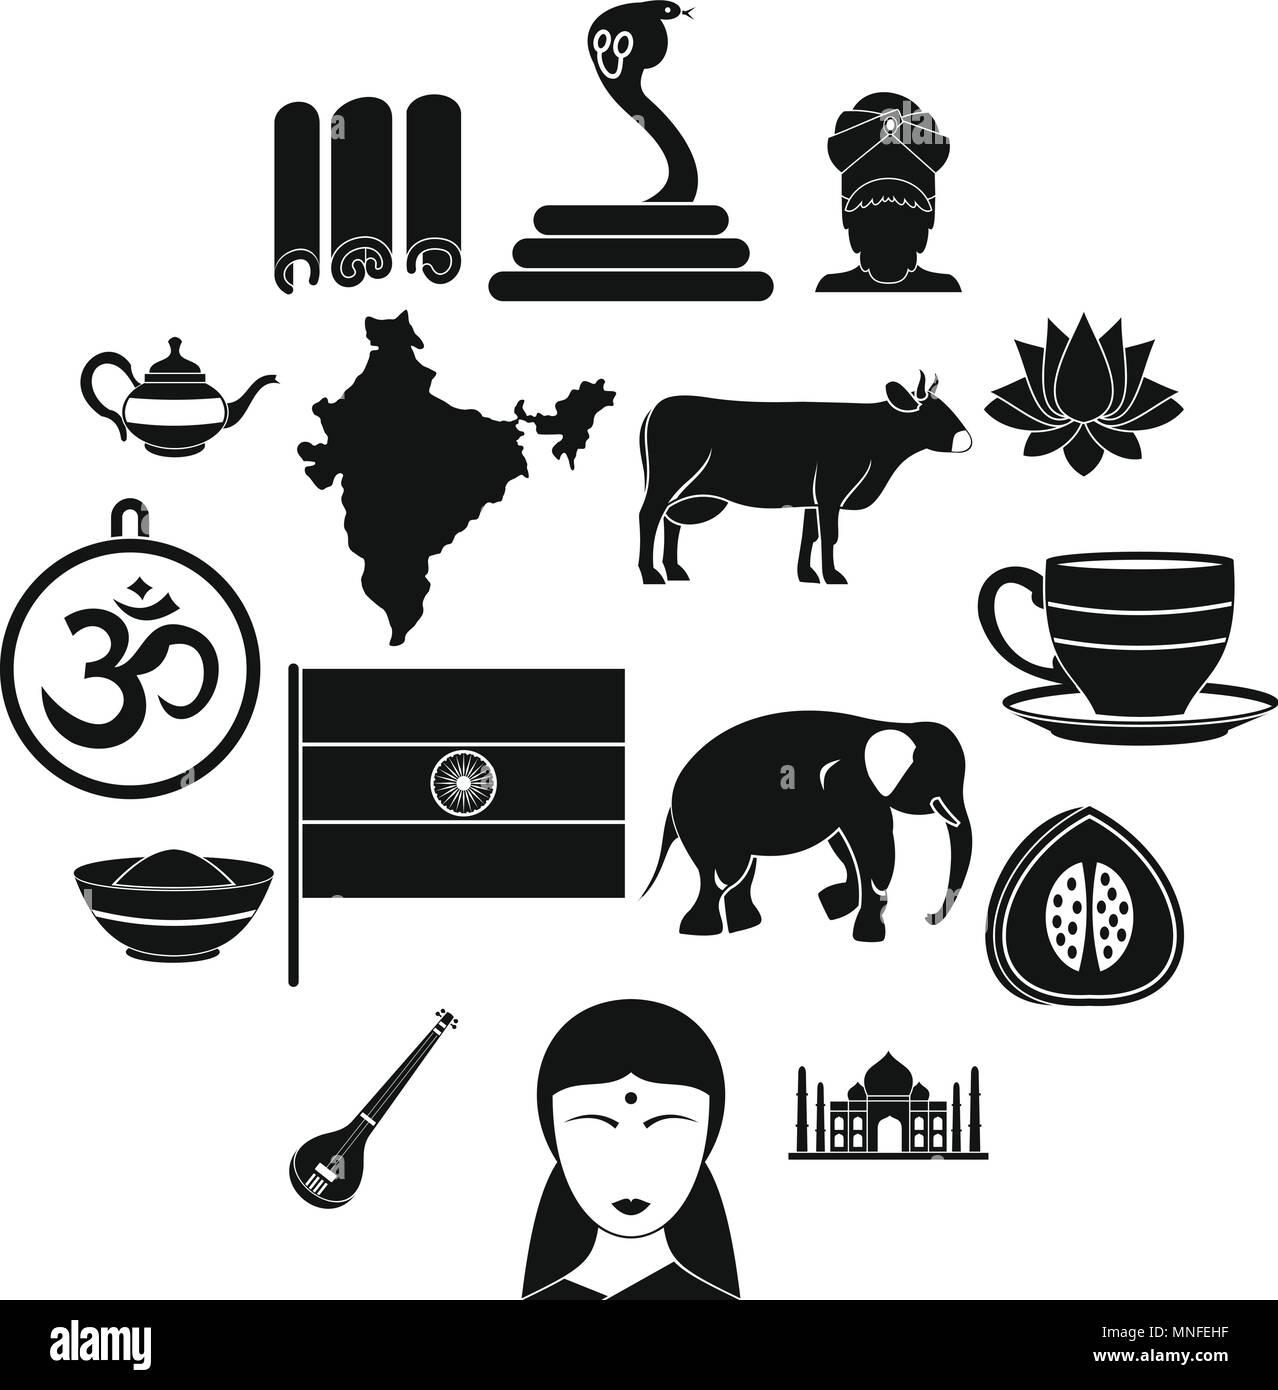 Indien Reisen Symbole Gesetzt Einfachen Stil Vektor Abbildung